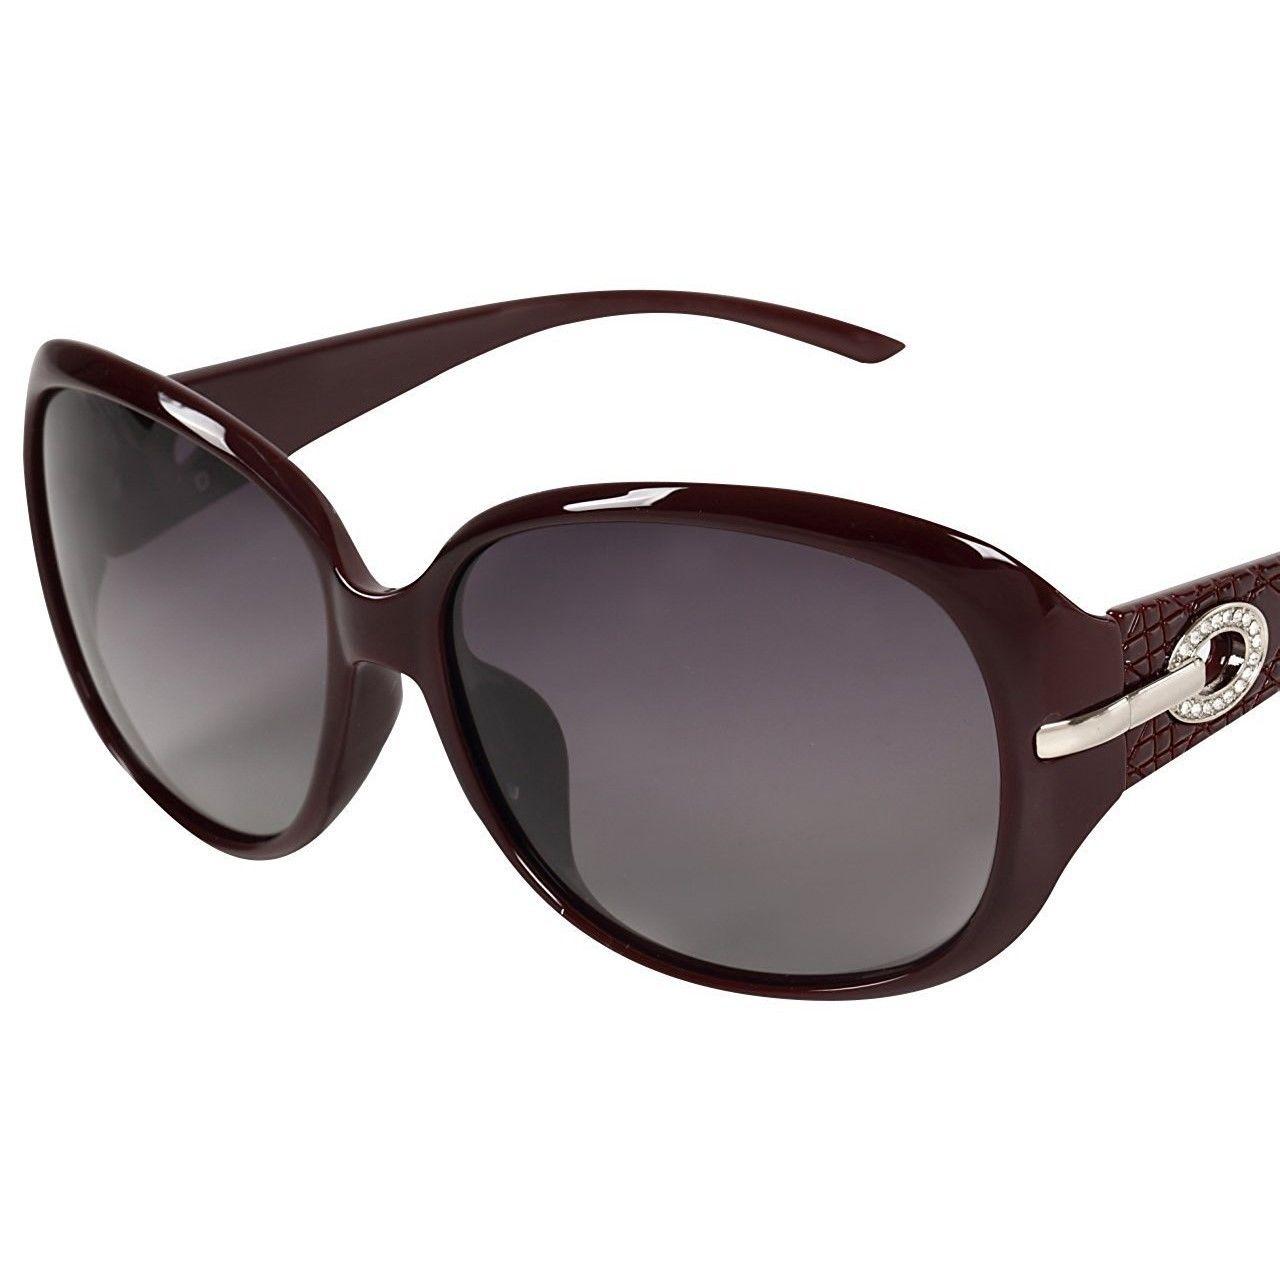 レディース サングラス バタフライ UV400 紫外線 カット率99.9 % UVカット 偏光レンズ (7ワインレッド)